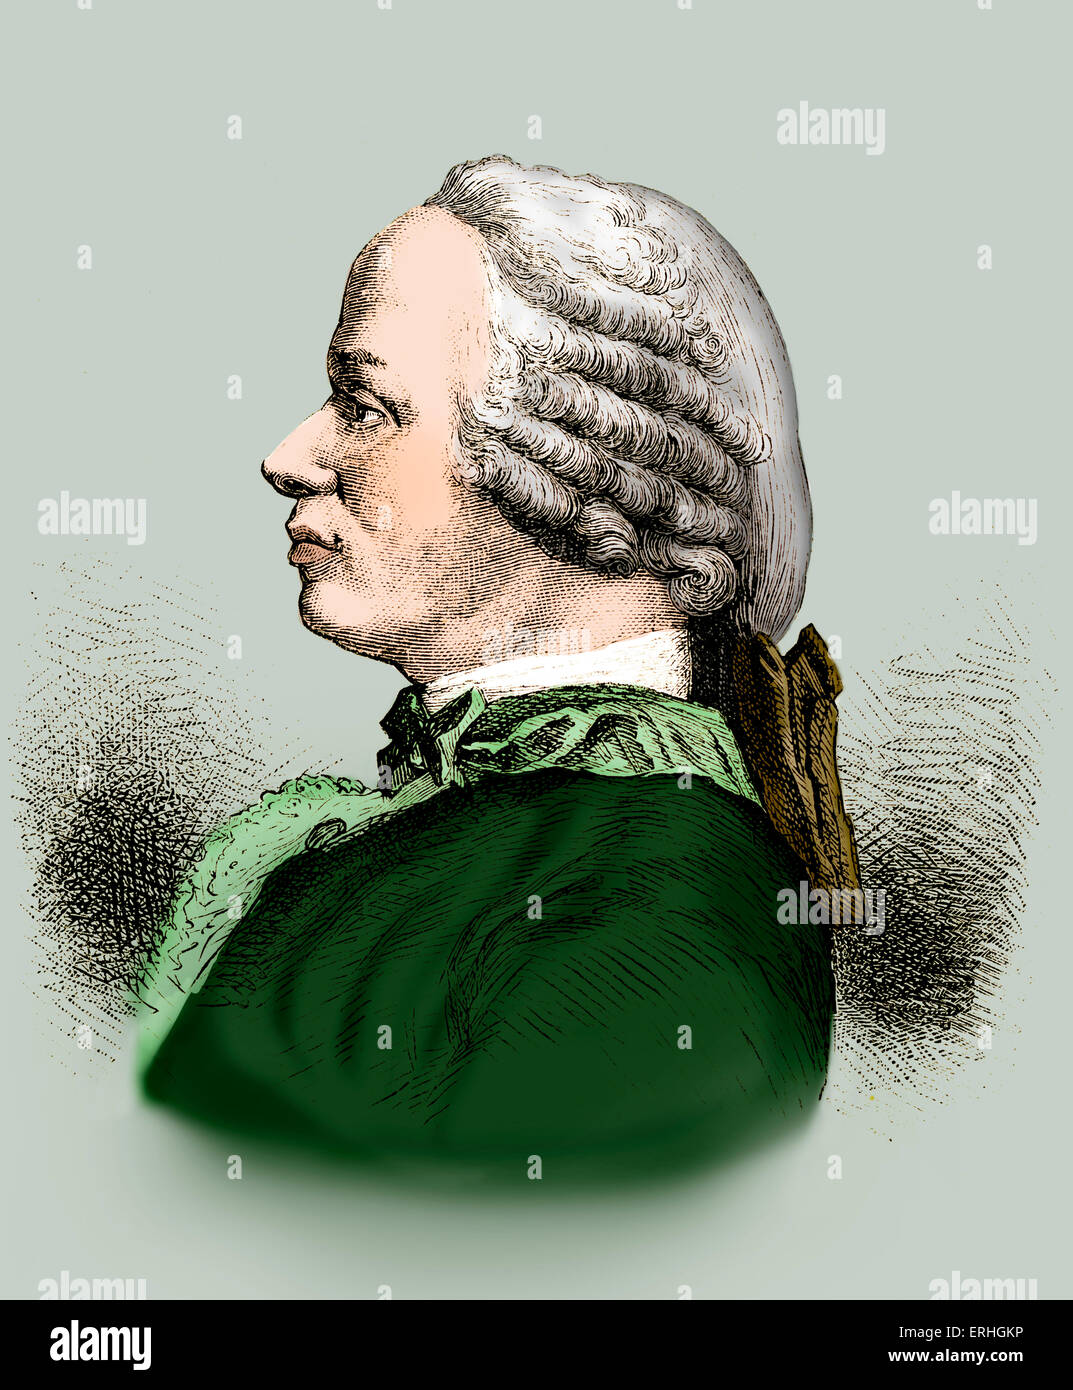 Jean Le Rond D'Alembert - portrait du mathématicien, physicien et philosophe. 16 novembre 1717 - 29 octobre Photo Stock